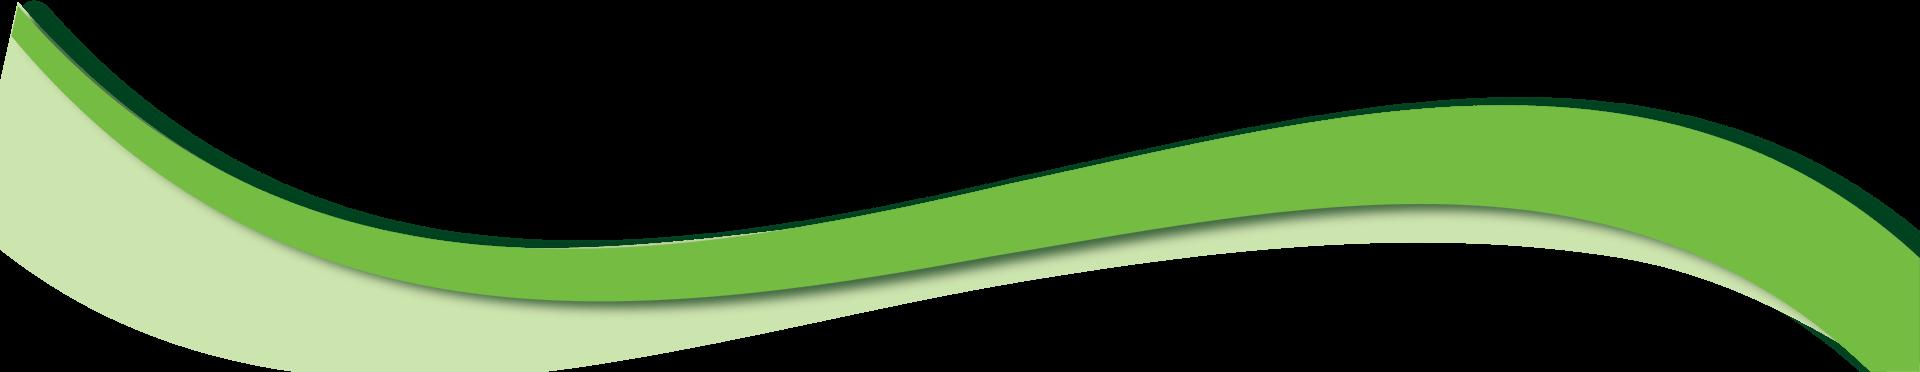 Perioada campanie: 30.06.2021 – 30.07.2021